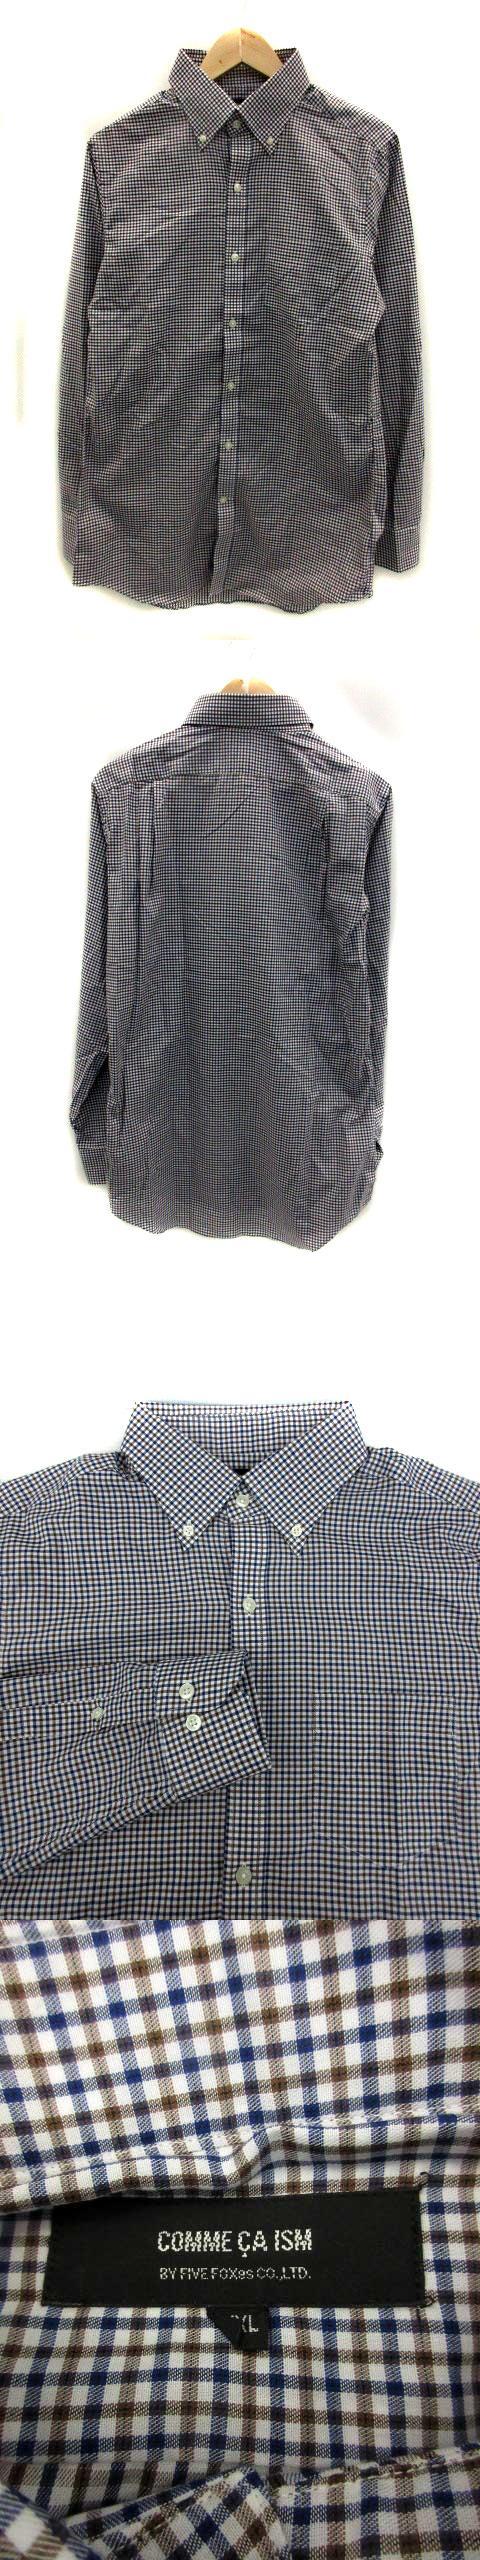 シャツ カジュアル  ボタンダウン 長袖 チェック柄 大きいサイズ XXL マルチカラー 青 ブルー /HO12